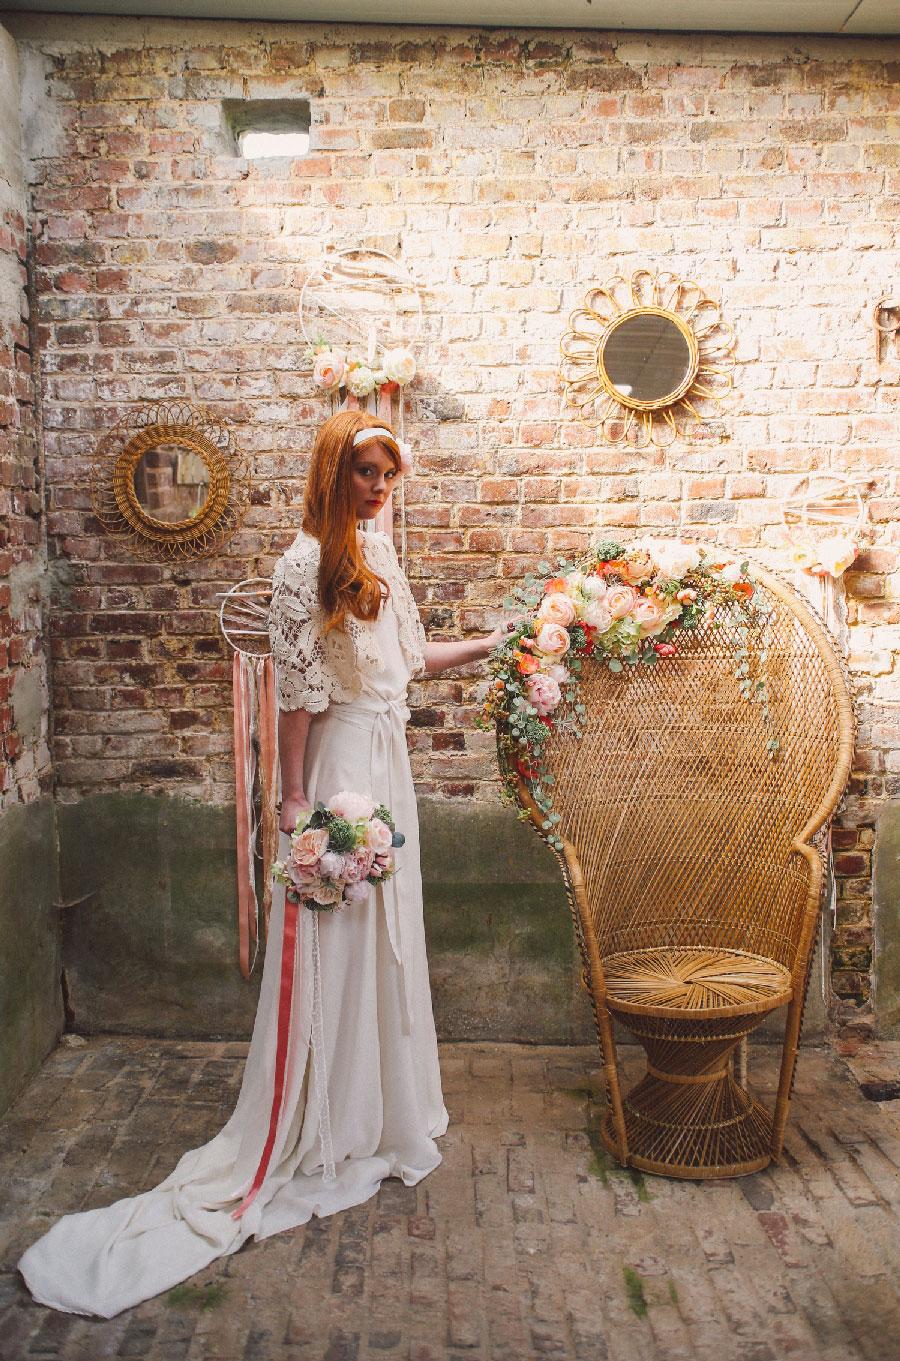 Pauline Franque photographe Marine Meignotte Marina Gandrey Orlane Herbin Constance L Couronne de fleurs mariage